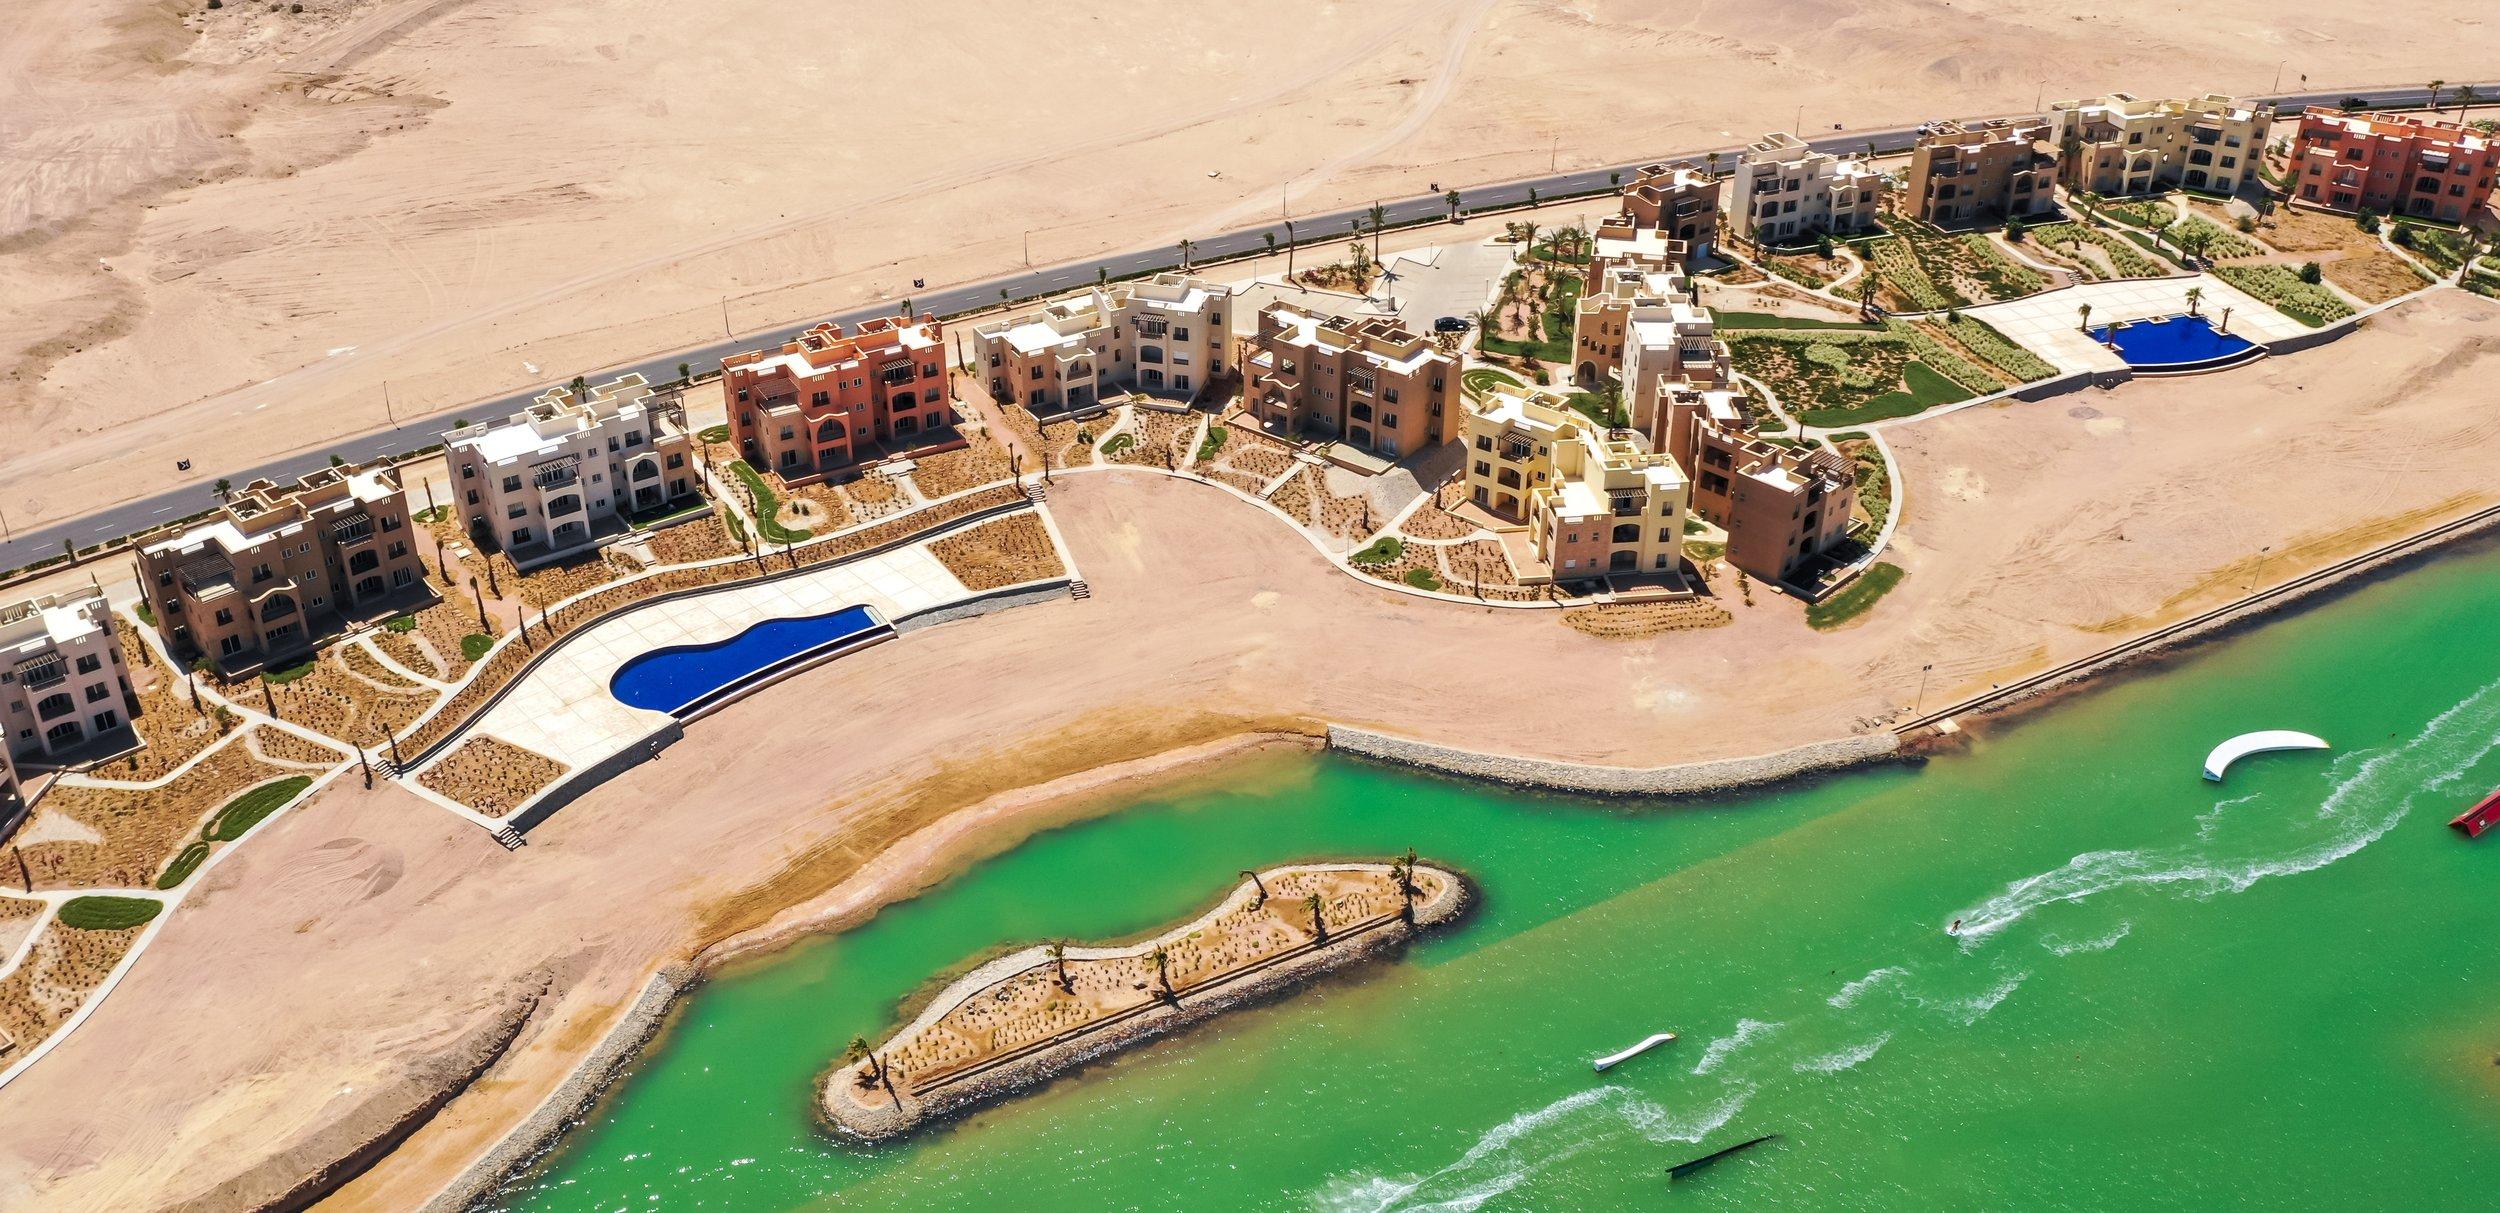 Aerial Waterside _3 crop.jpg